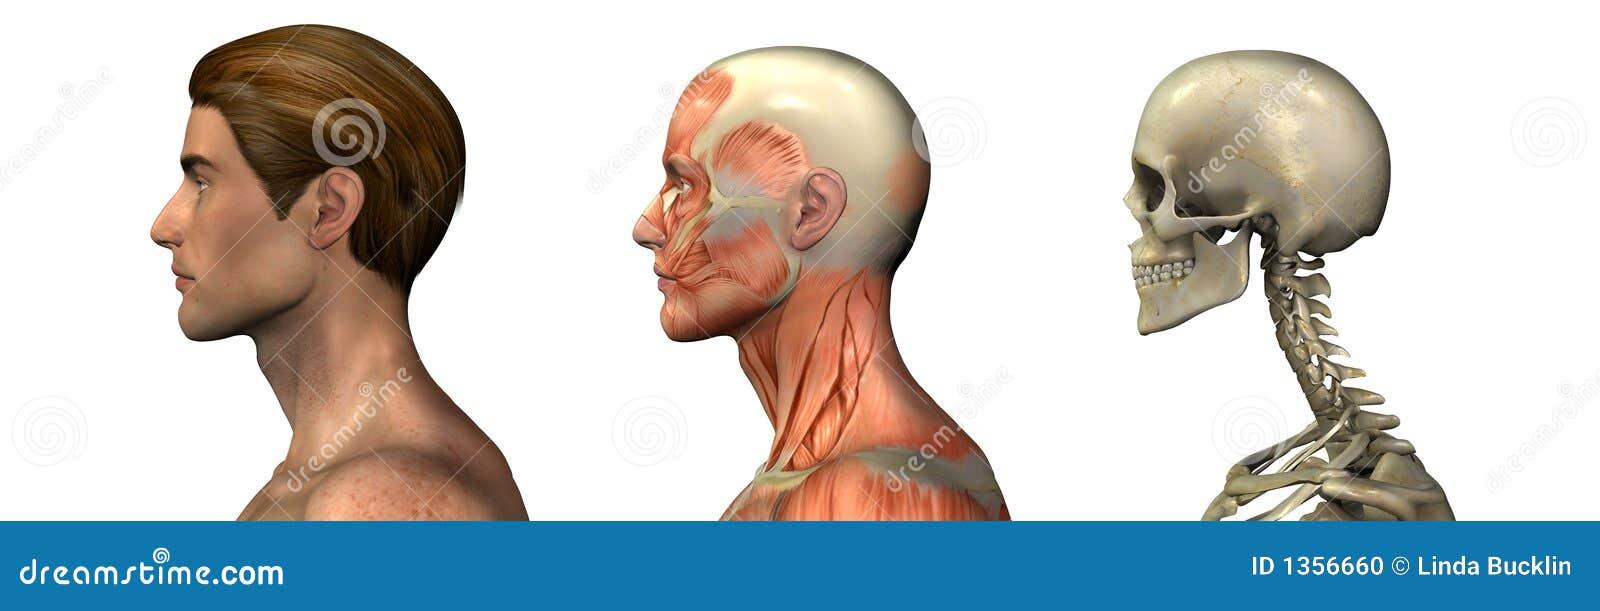 Ungewöhnlich Zygomatic Haupt Bilder - Menschliche Anatomie Bilder ...